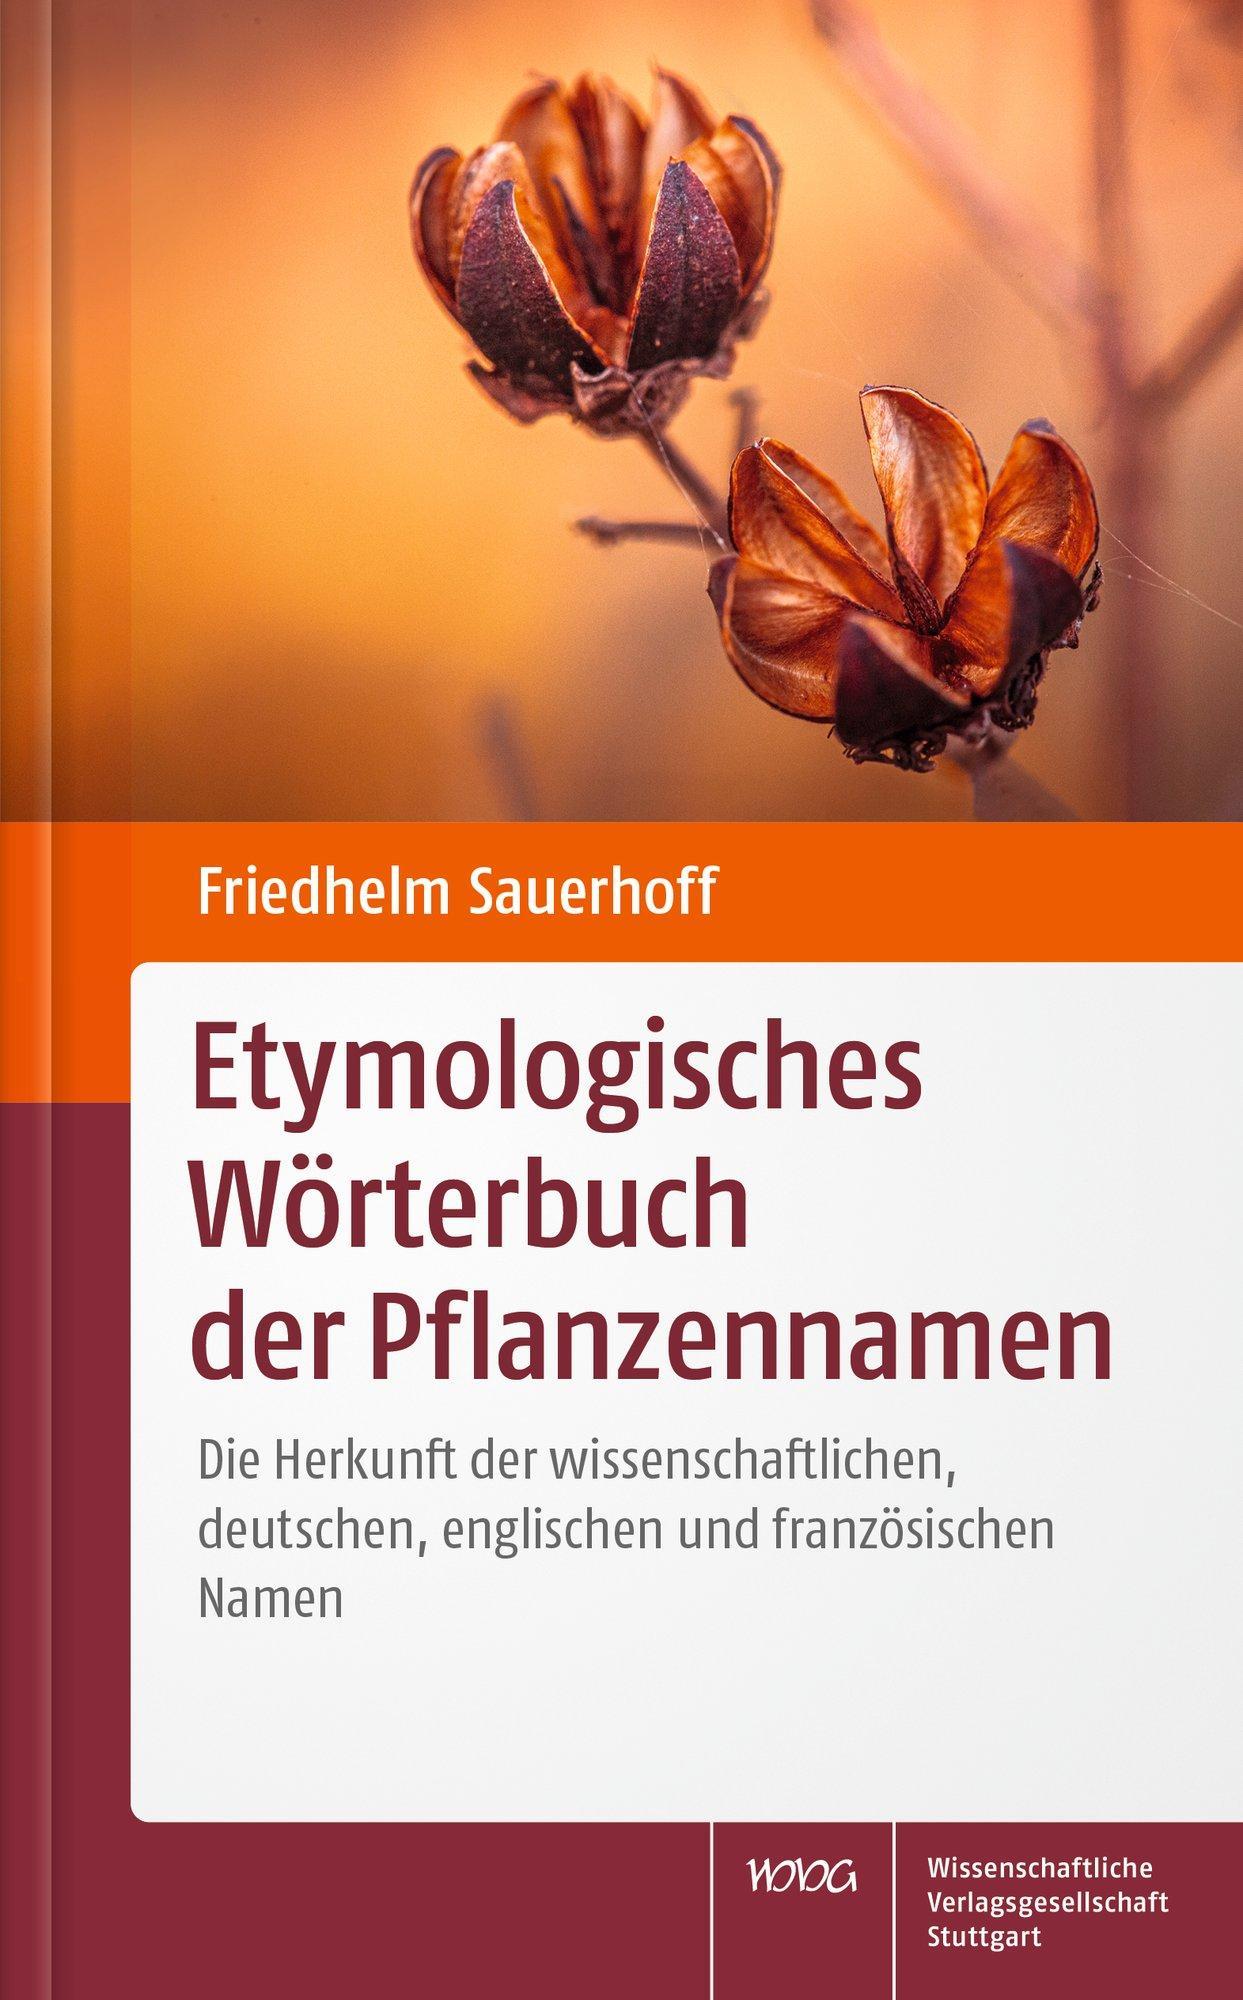 Friedhelm-Sauerhoff-Etymologisches-Woerterbuch-der-Pflanzen-9783804718999